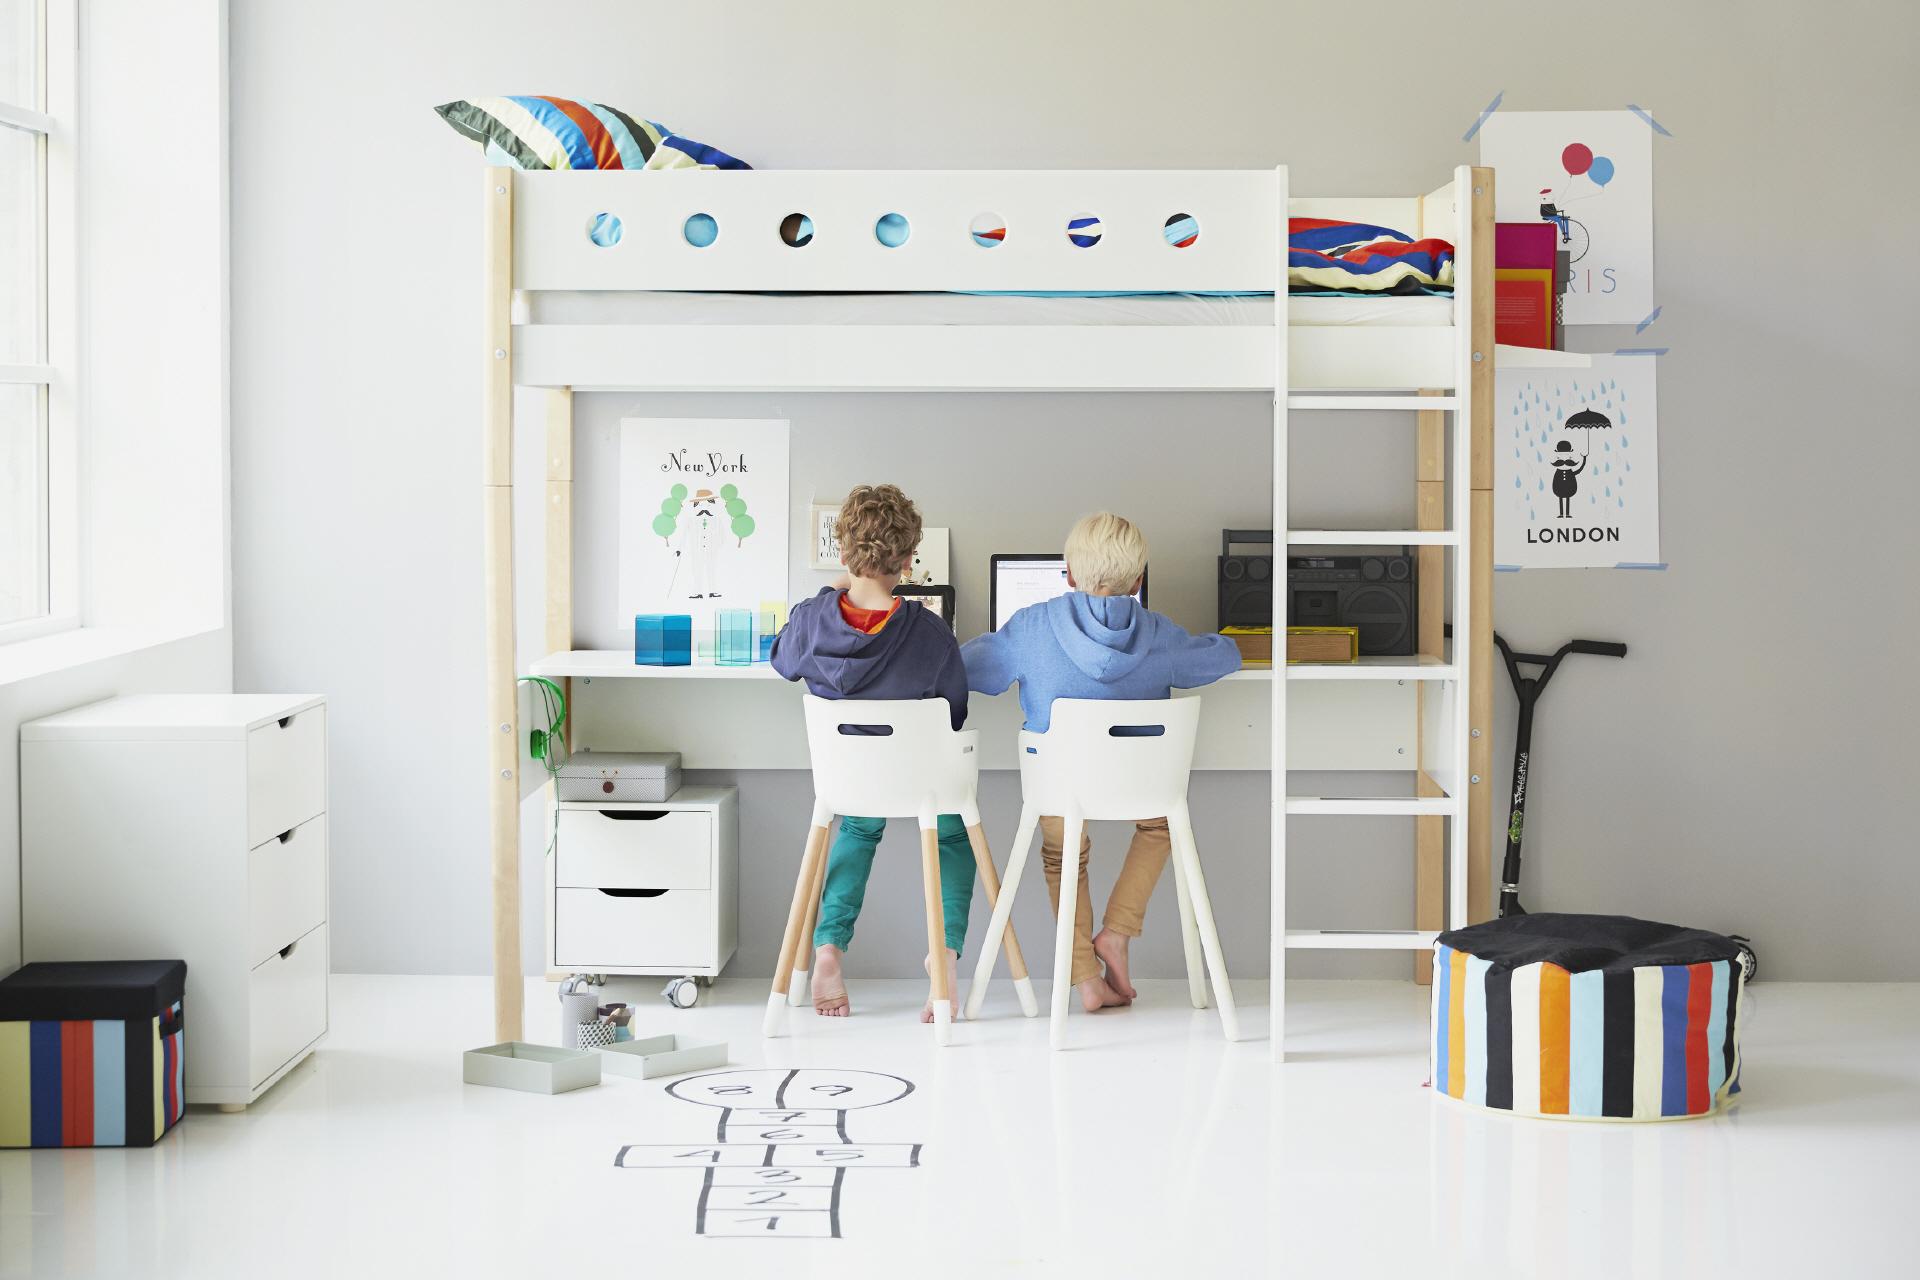 Hochbett Oberkanten Höhe Bei Flexa Ist 185cm Empfiehlt Se Für Kinder Ab Einem Alter Von 6 Jahren Unter Sem Stehen Ca 2 Qm